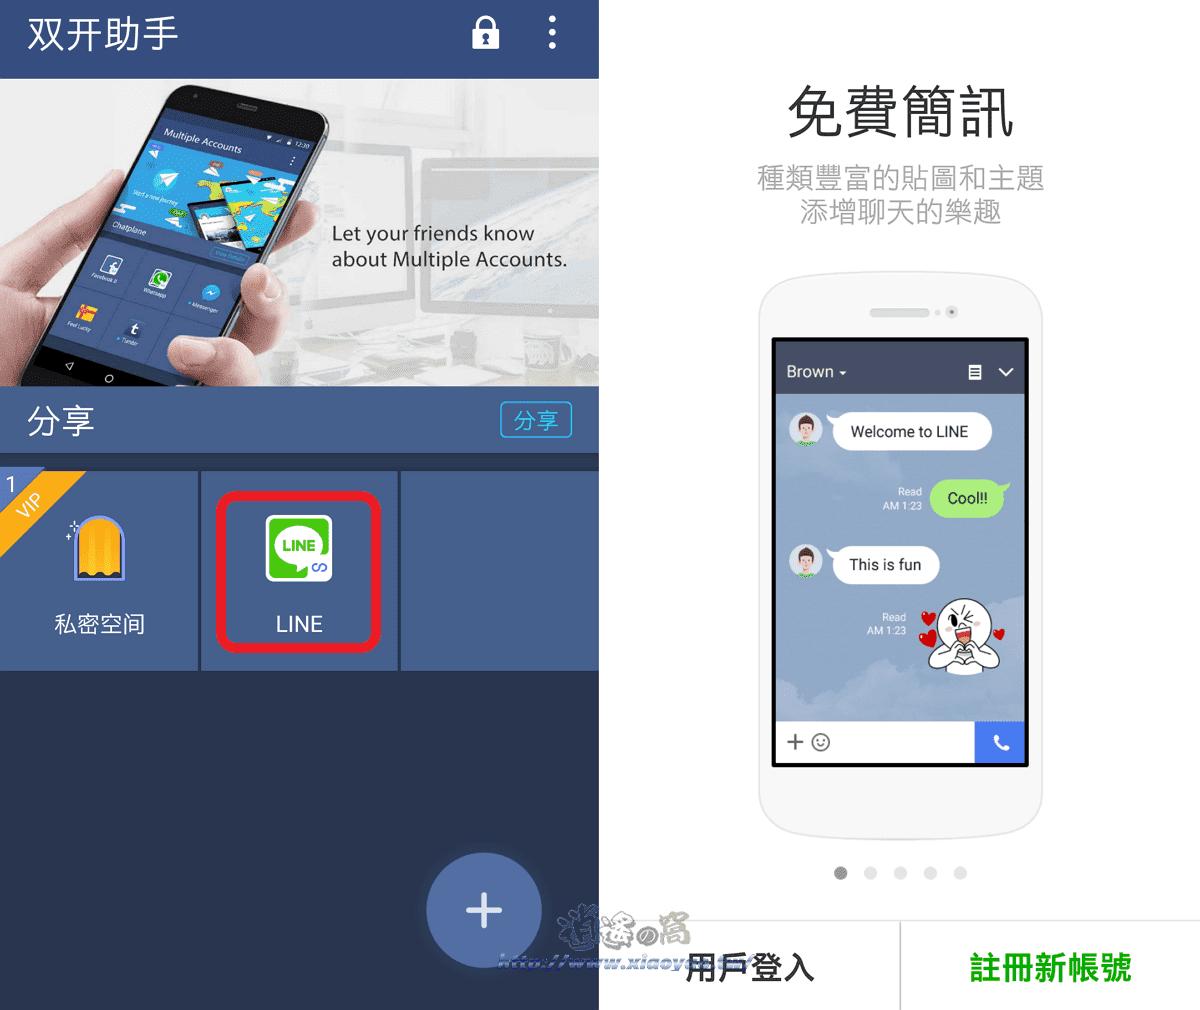 手機上使用雙帳號同時登入 LINE,LINE有針對iOS系統,「雙開助手」輕鬆辦到 - 逍遙の窩